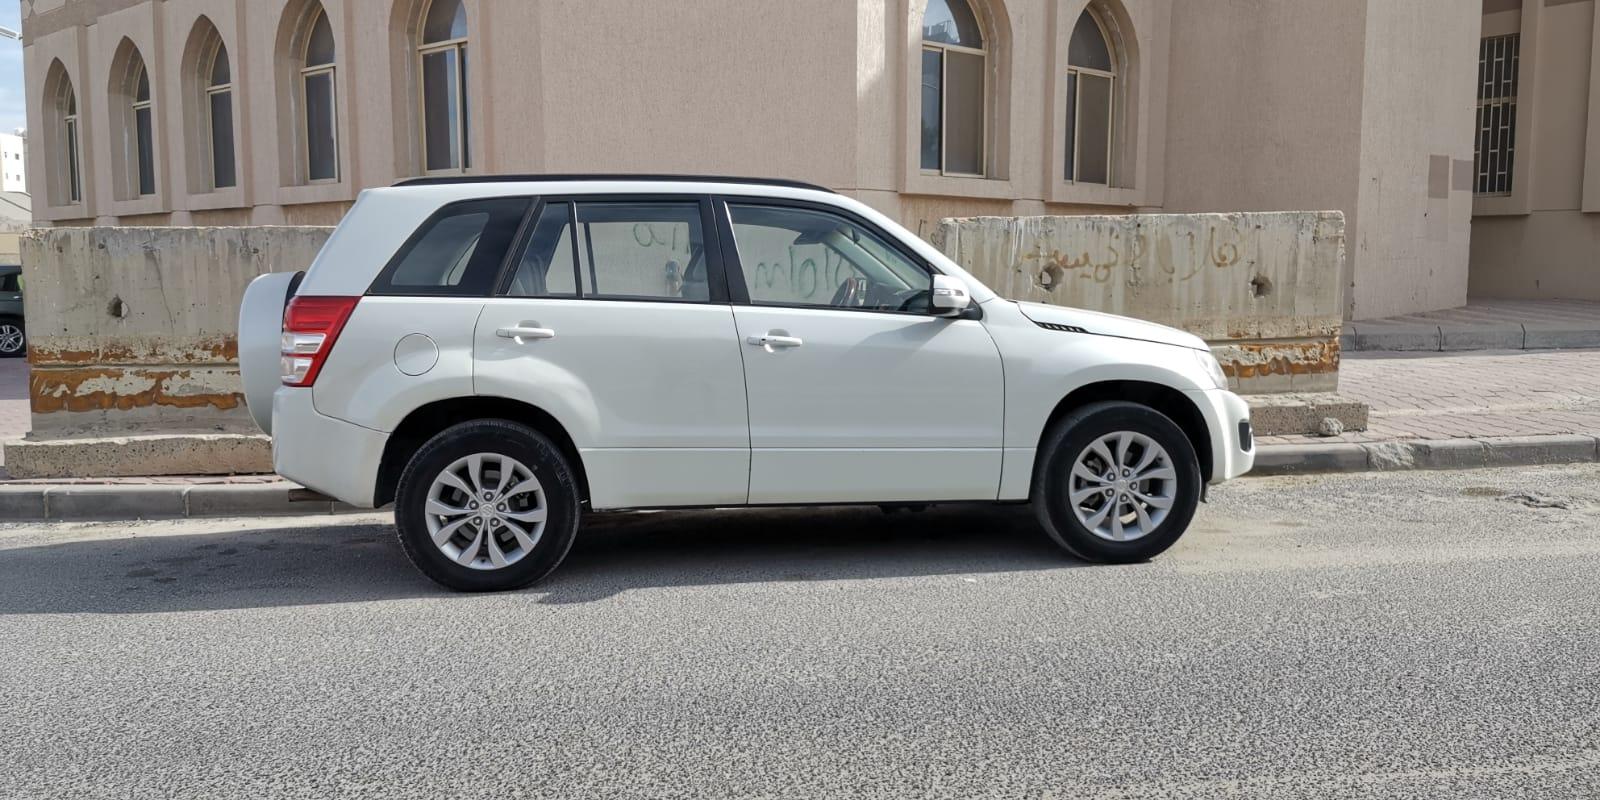 Suzuki Grand Vitara for Sales in Good Condition